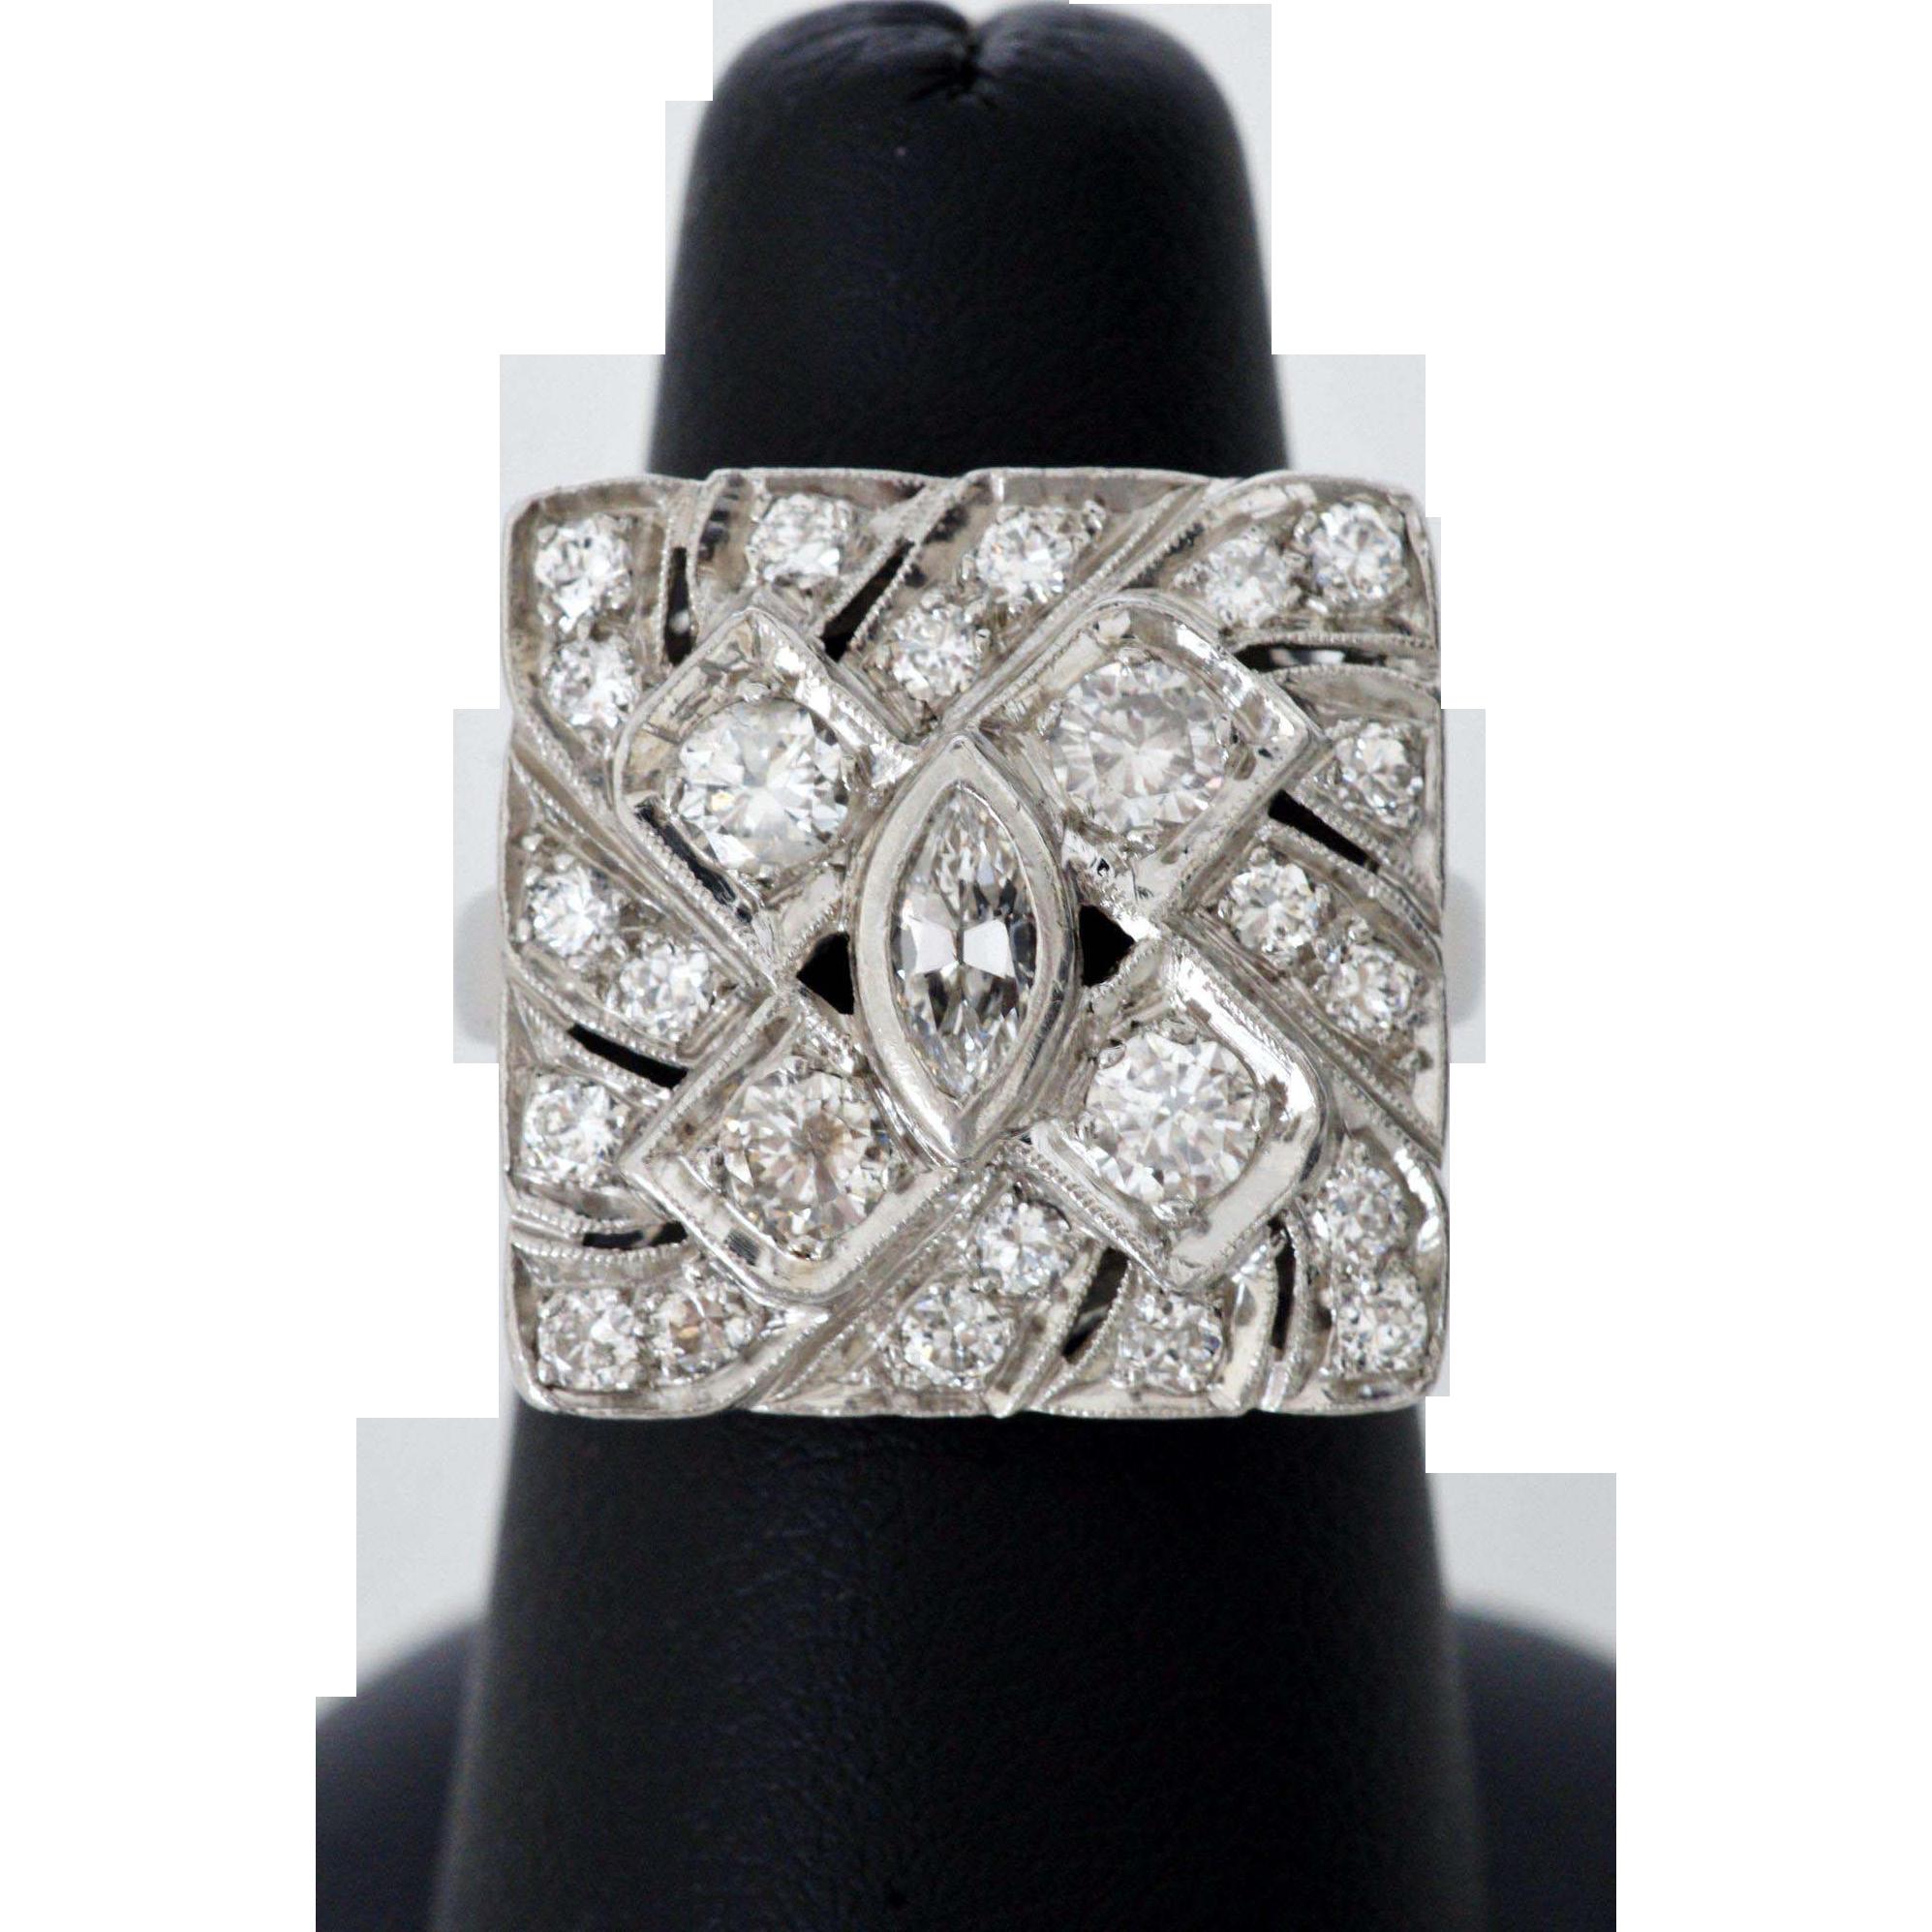 Exquisite Mid-Century Diamond and Platinum Cocktail Ring